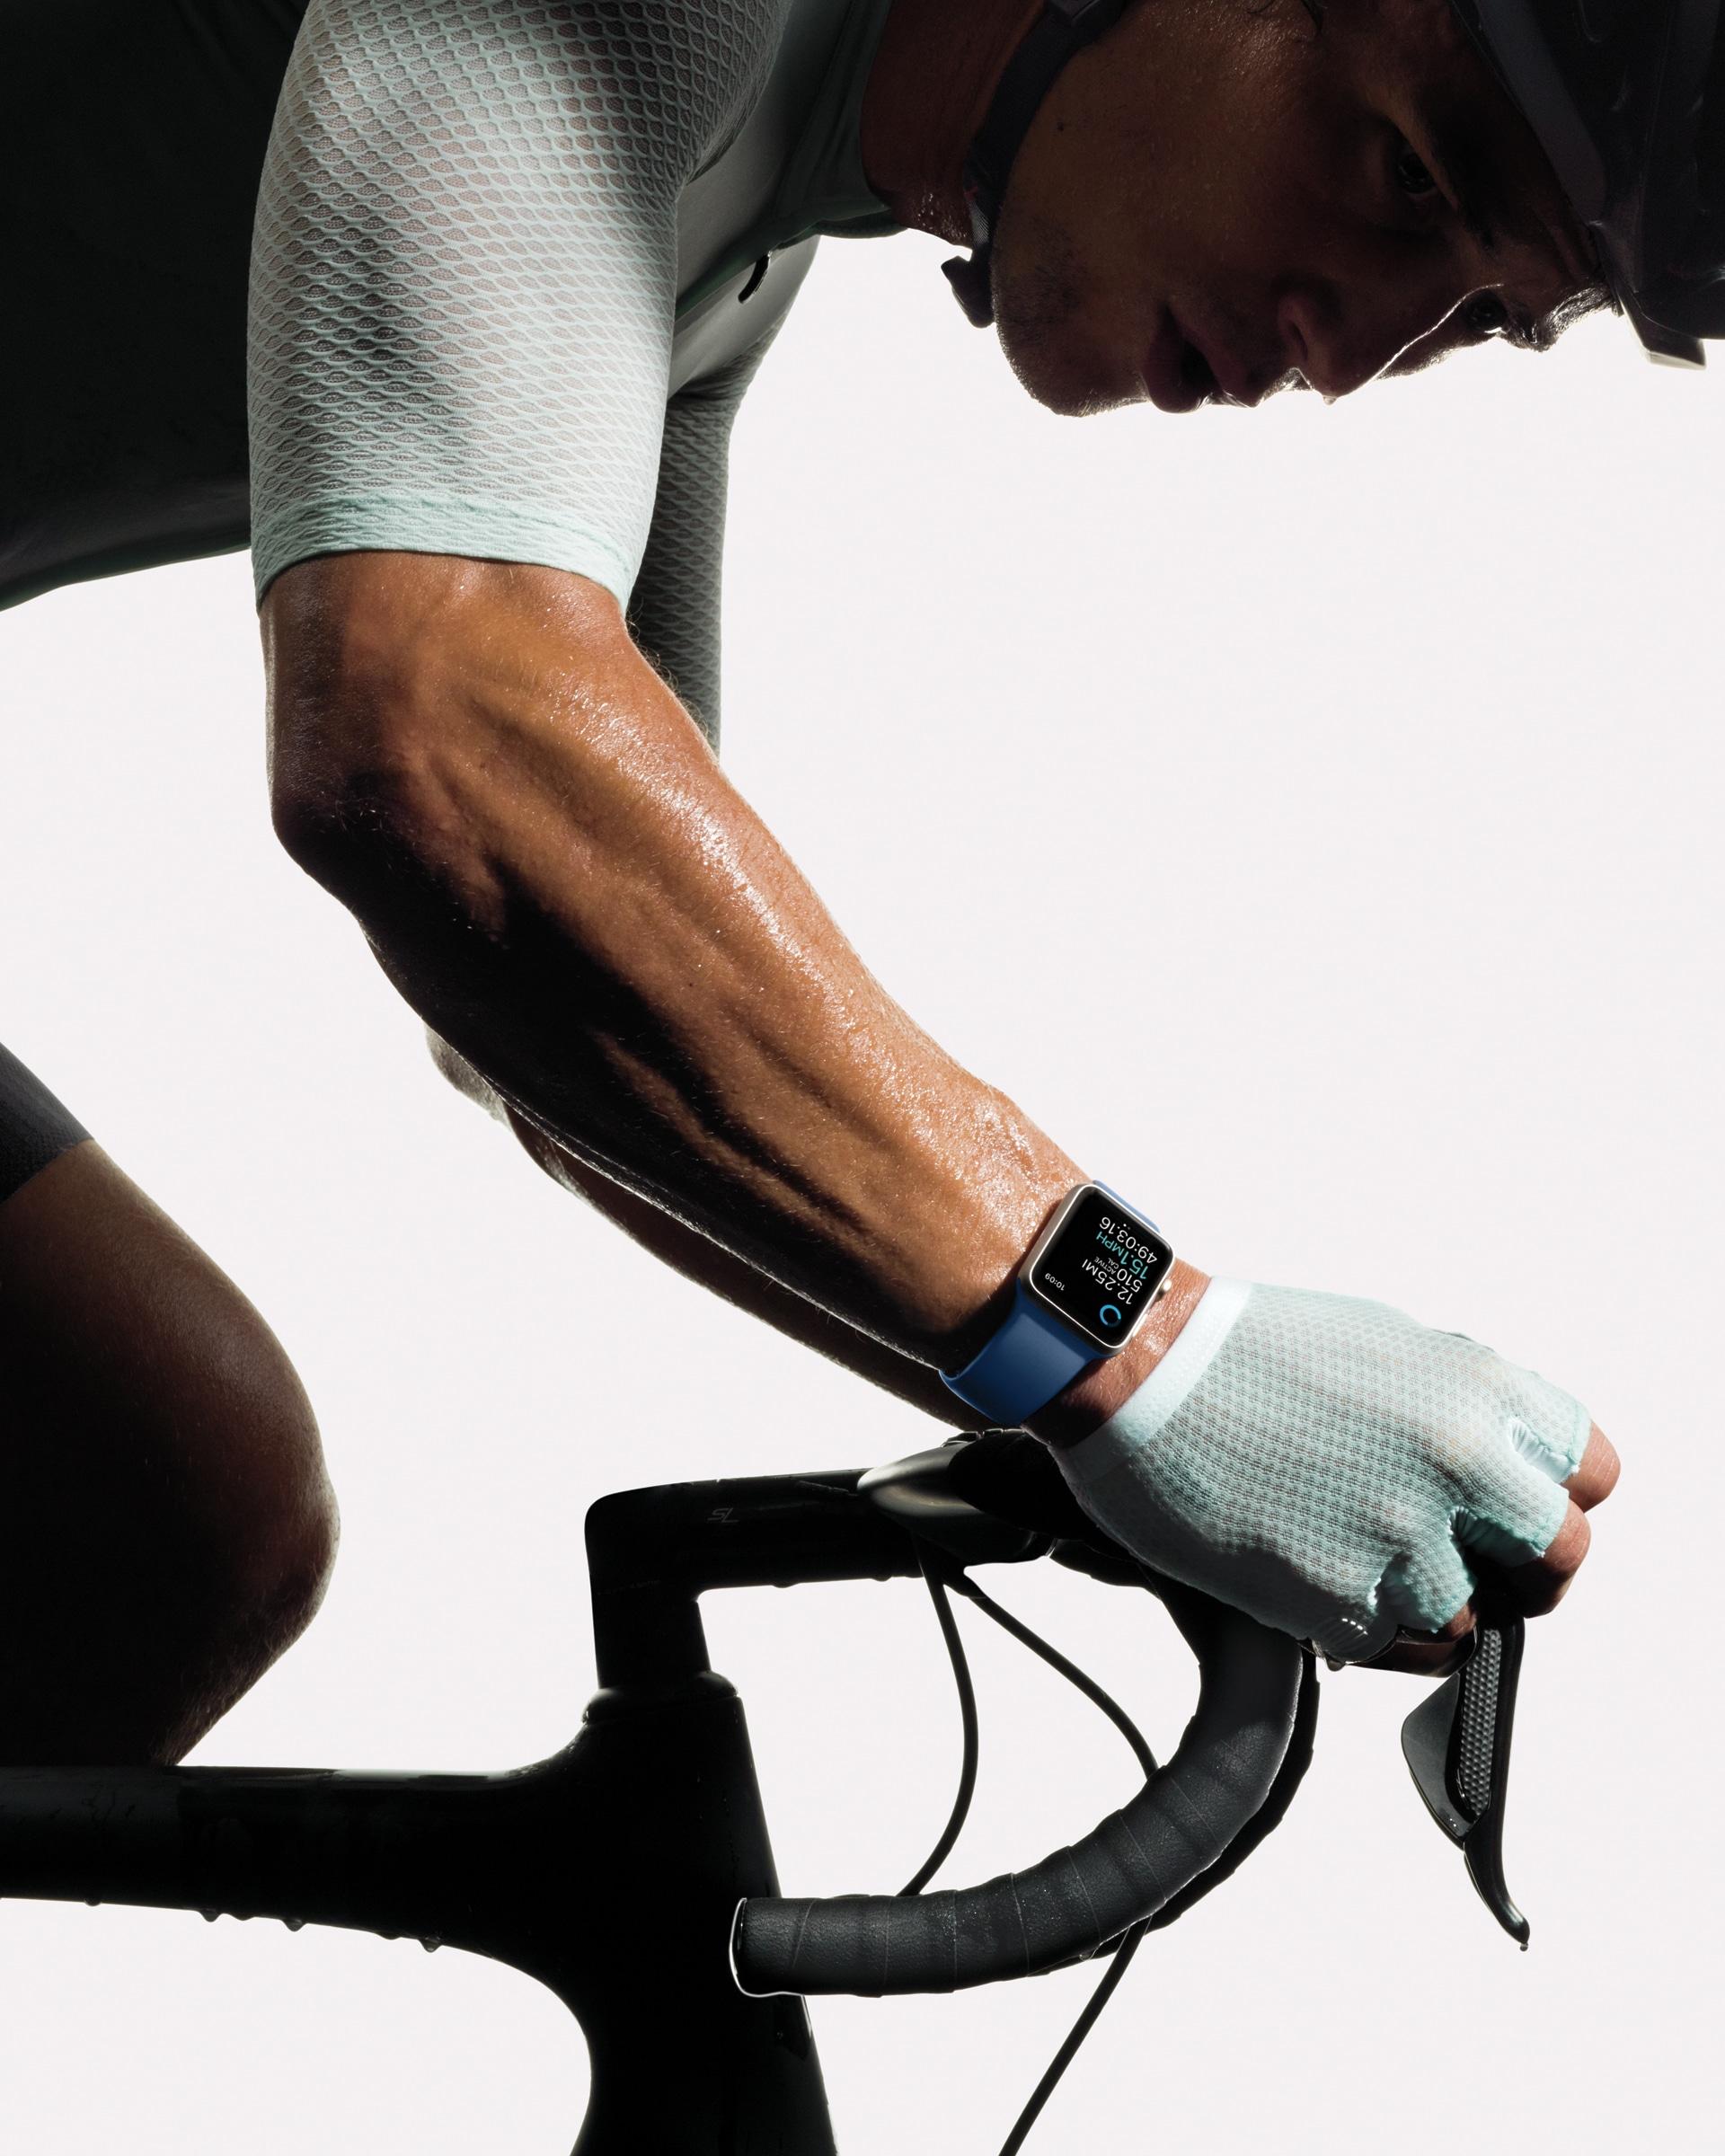 Apple Watch Series 2 sendo usado em bicicleta